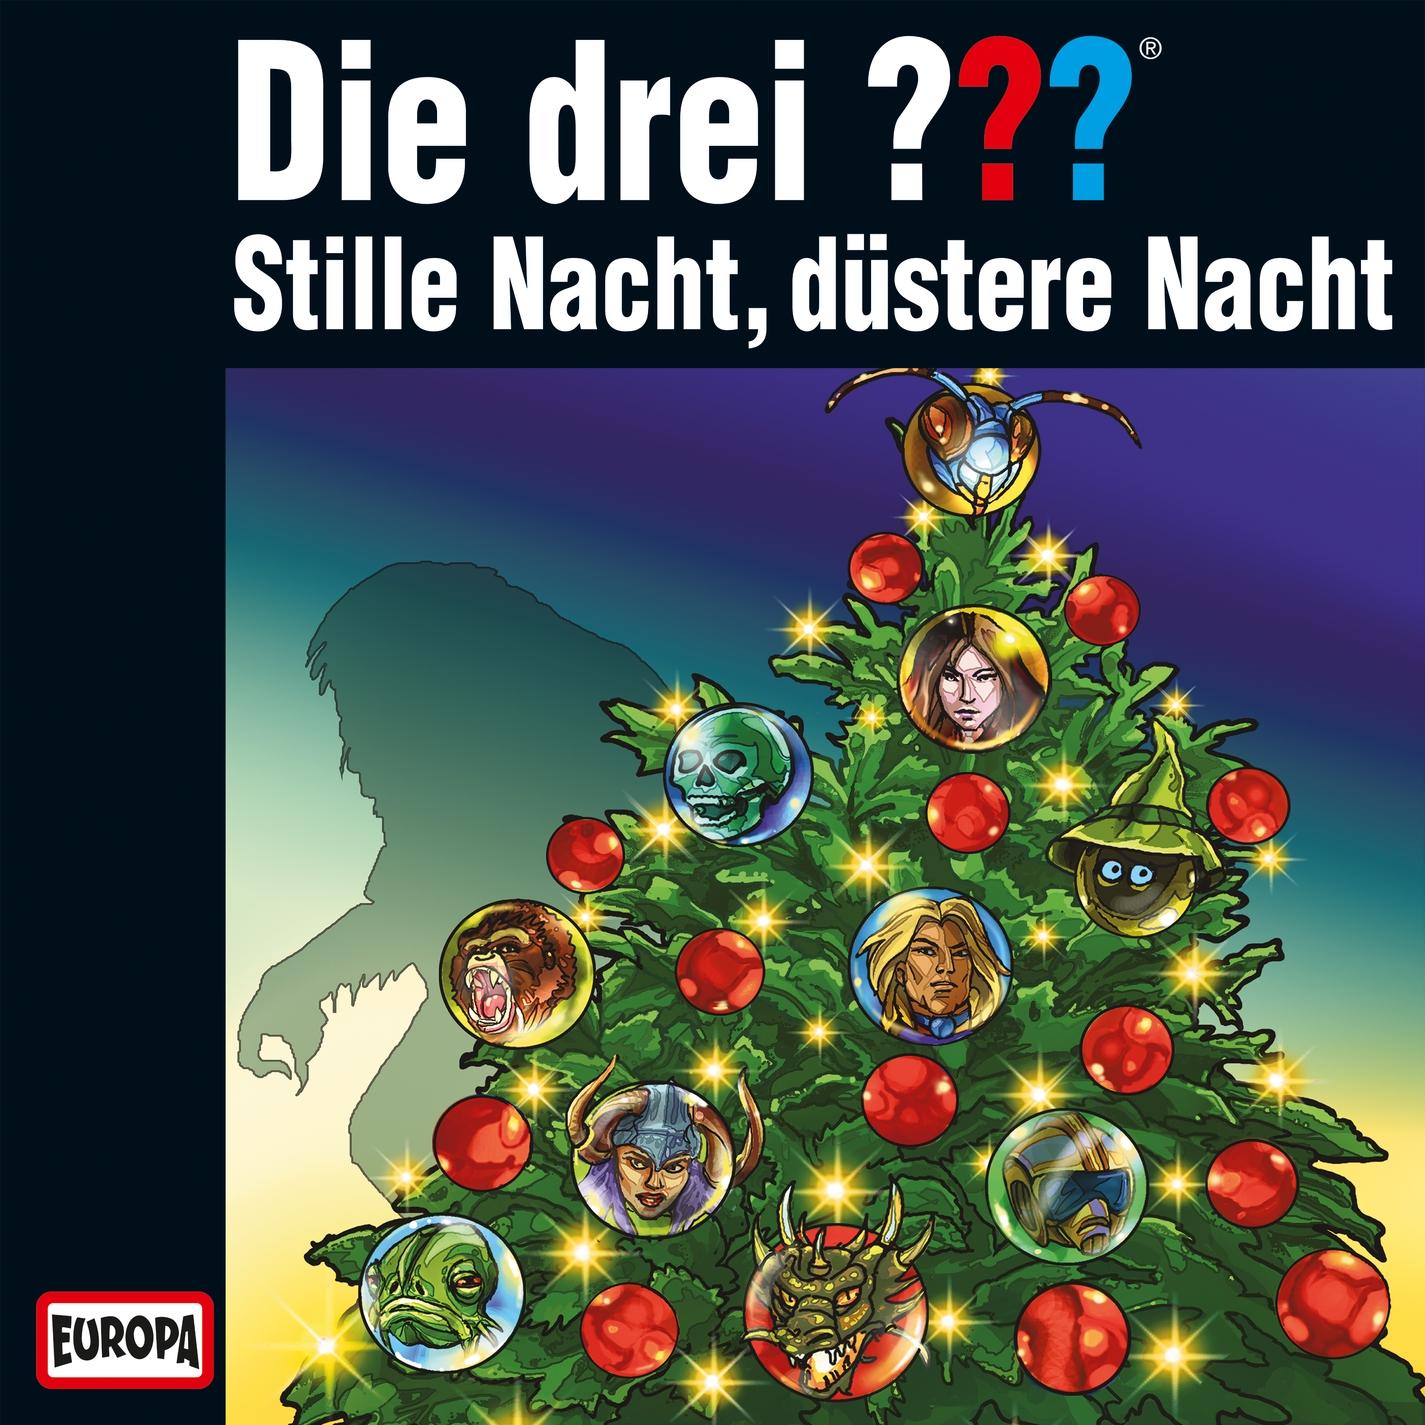 [thalia.de] Die drei Fragezeichen - Stille Nacht, düstere Nacht (Adventskalender-Hörspiel CD)